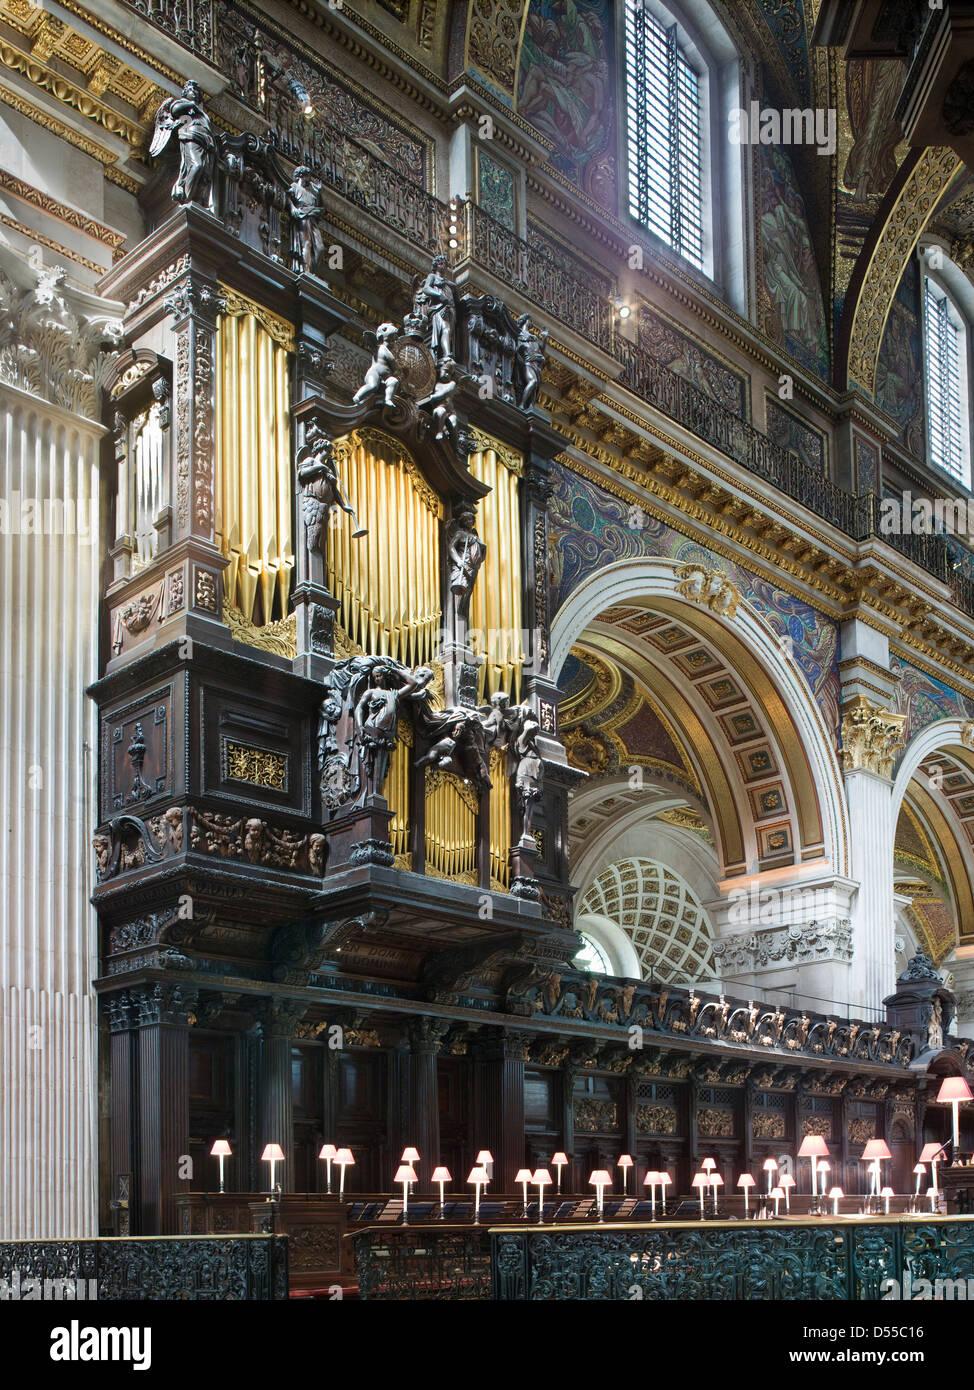 Str. Pauls Kathedrale Orgel Gehäuse und Chor Stände Stockbild